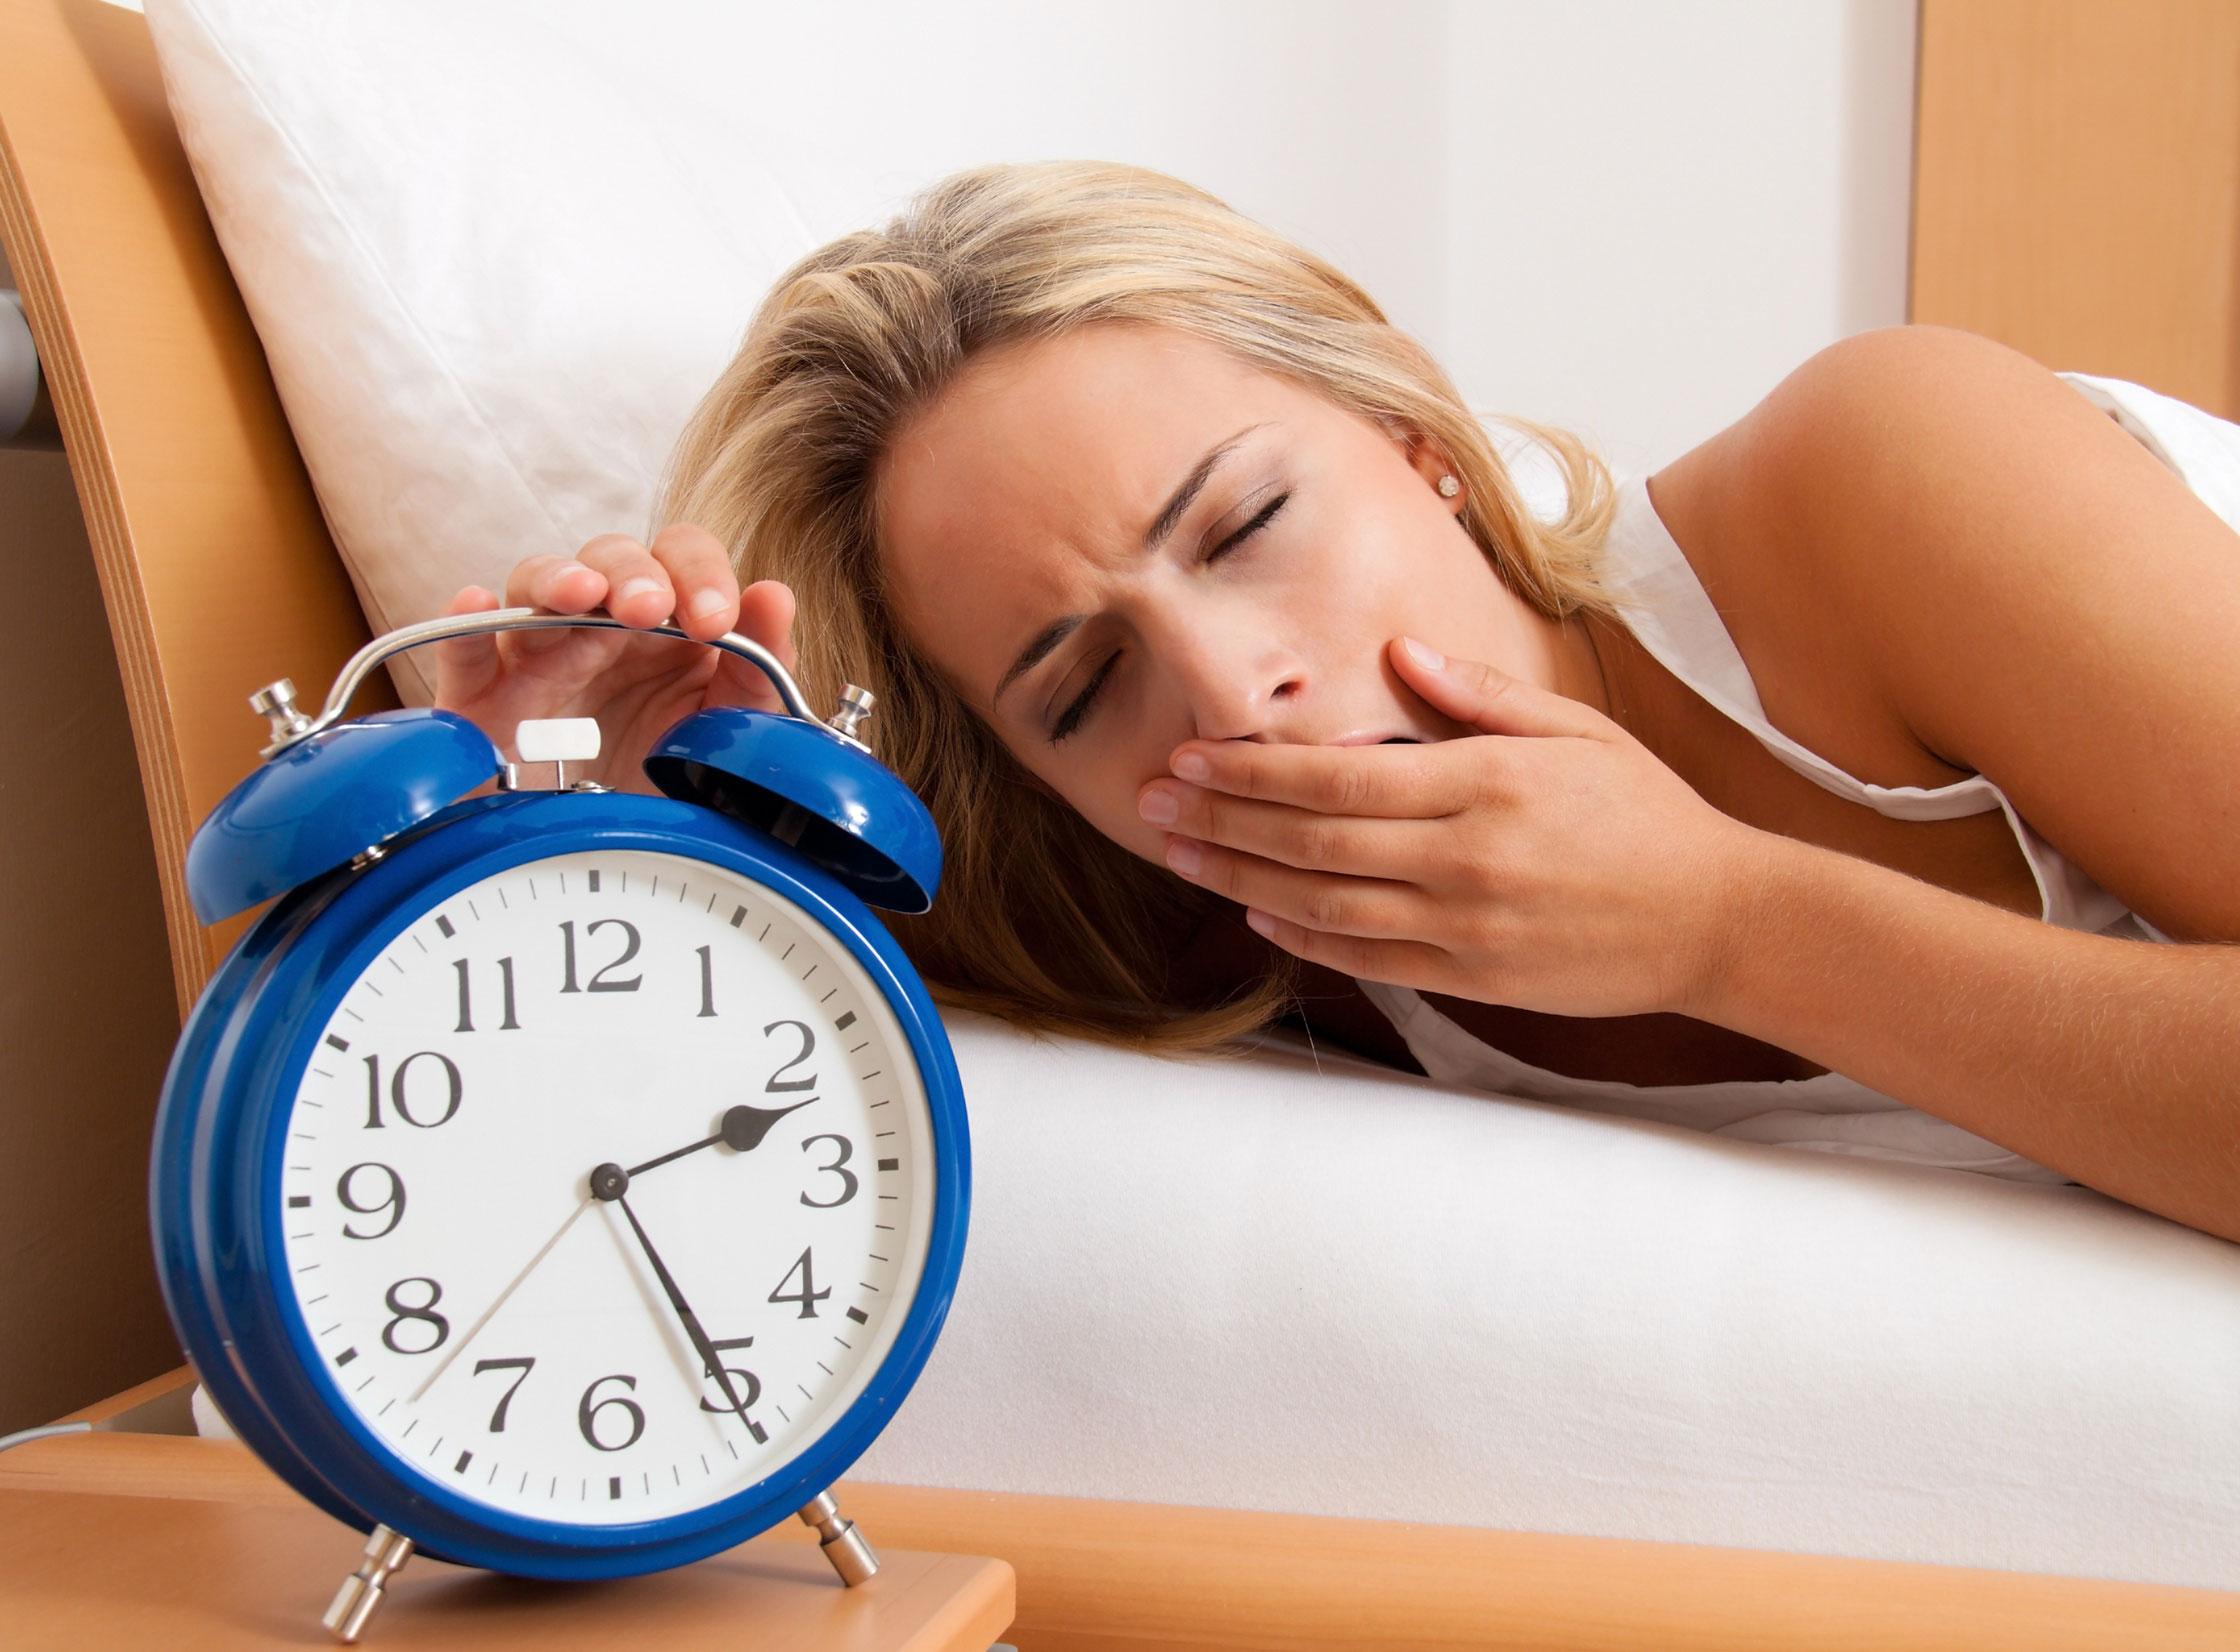 Hình ảnh cô gái khó ngủ trằn trọc nửa đêm